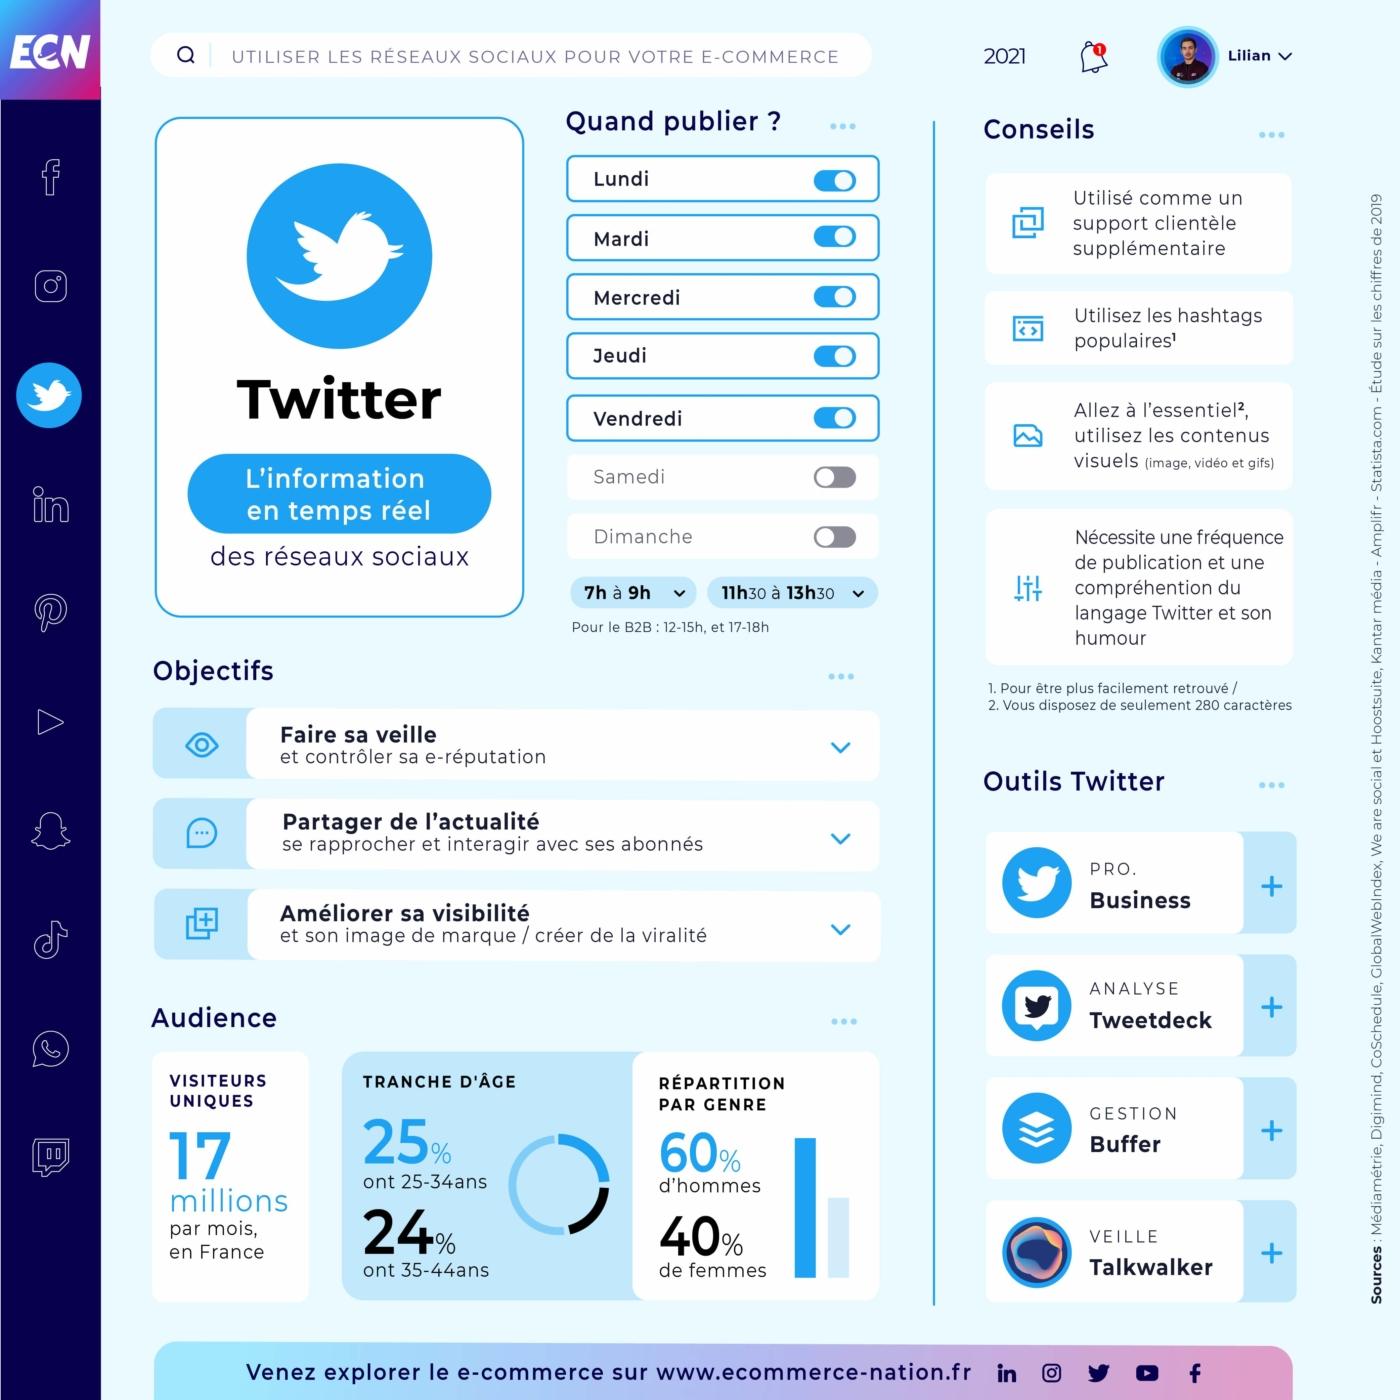 RampUP utiliser les reseaux-sociaux-pour vendre Twitter 2021